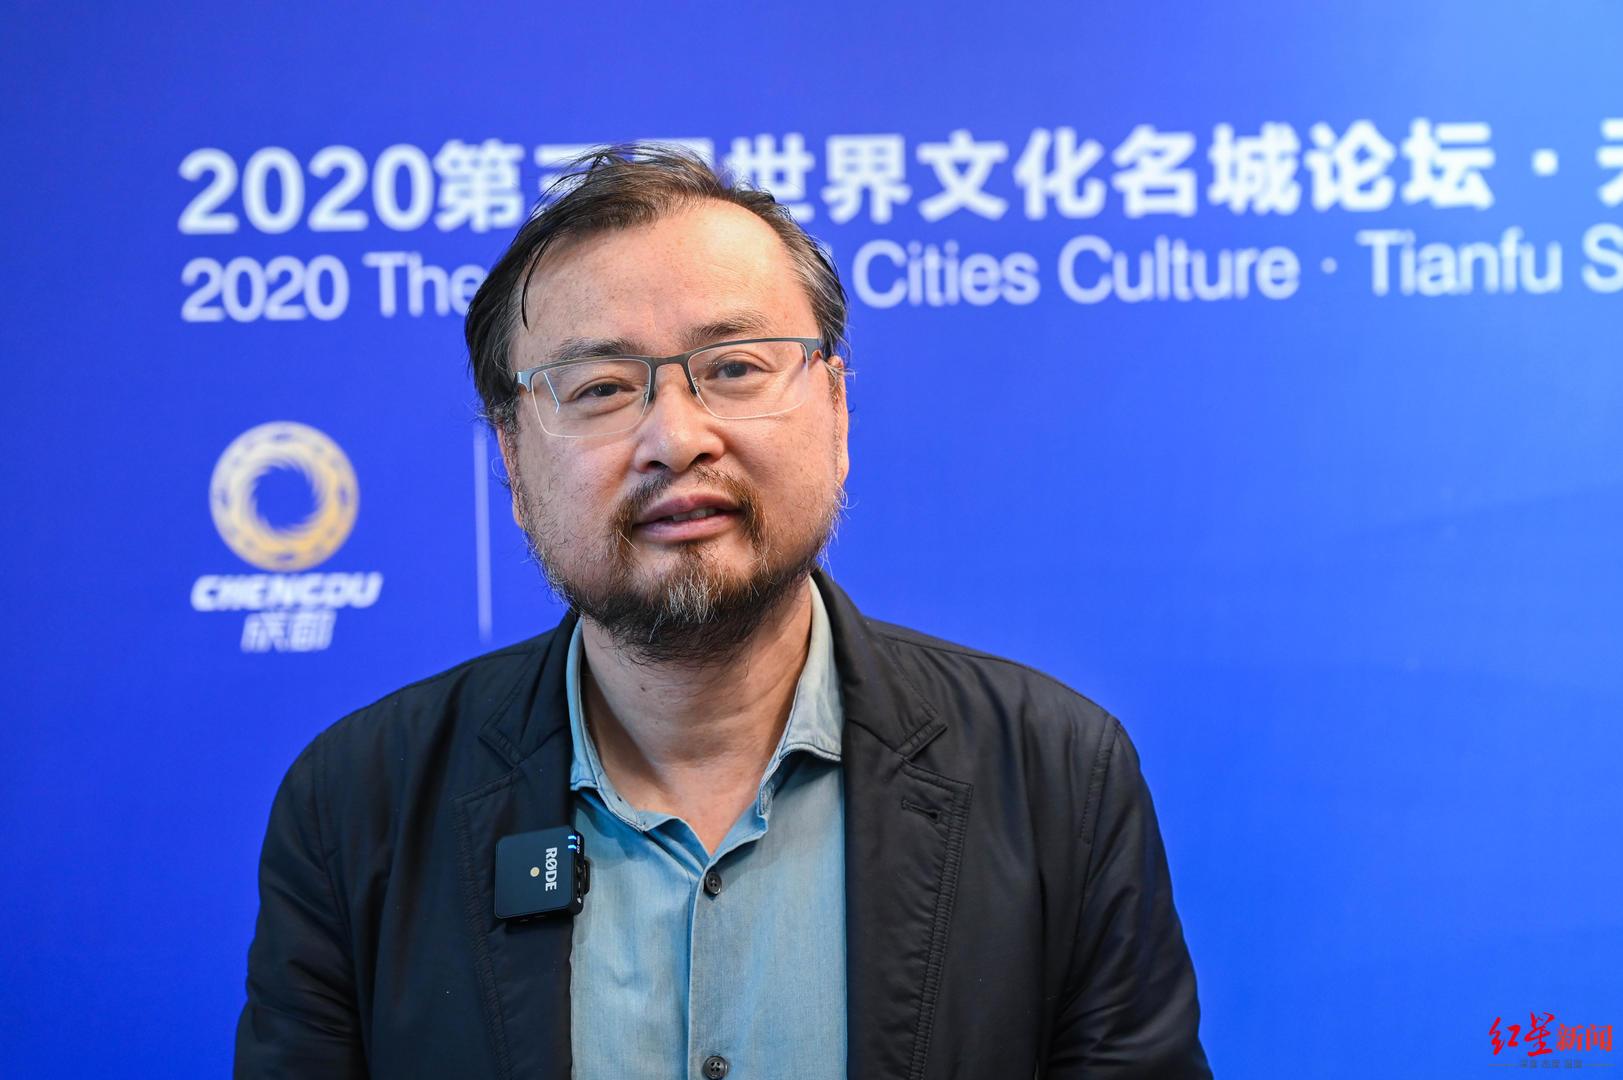 中国美术馆副馆长张晴:成都既有古,又有今,还有未来